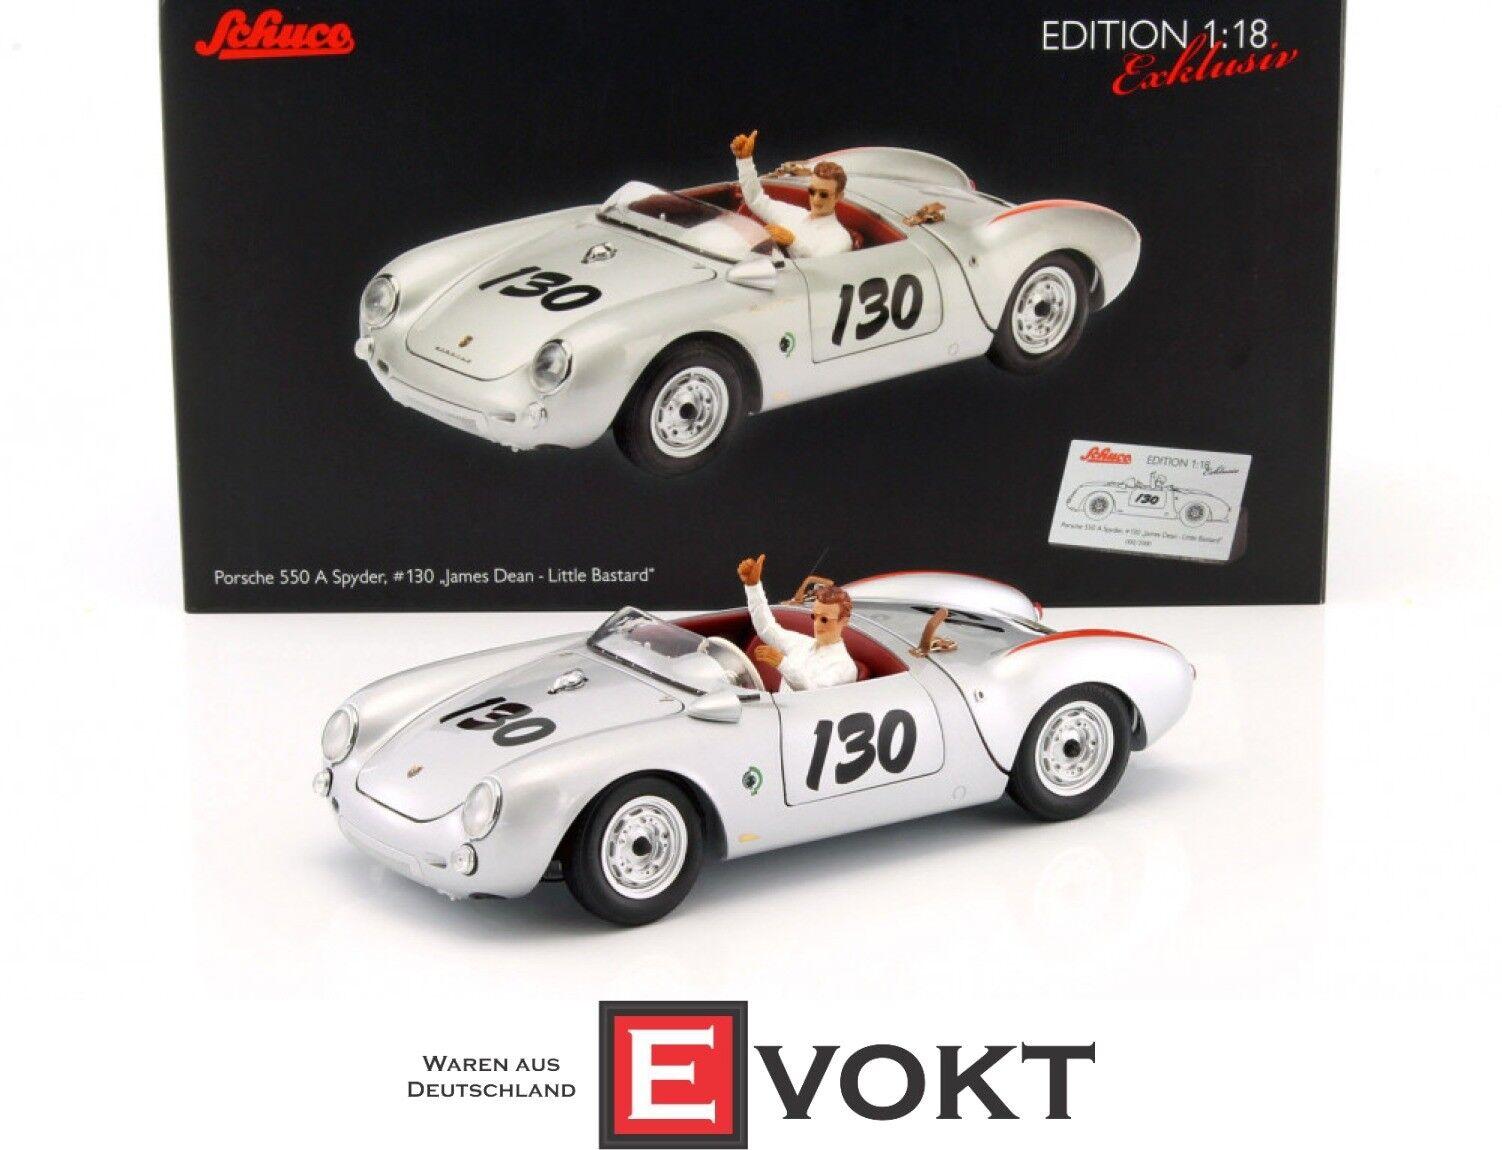 450033200 - Schuco Porsche 550 Spyder   130  James Dean  with figure - 1 18